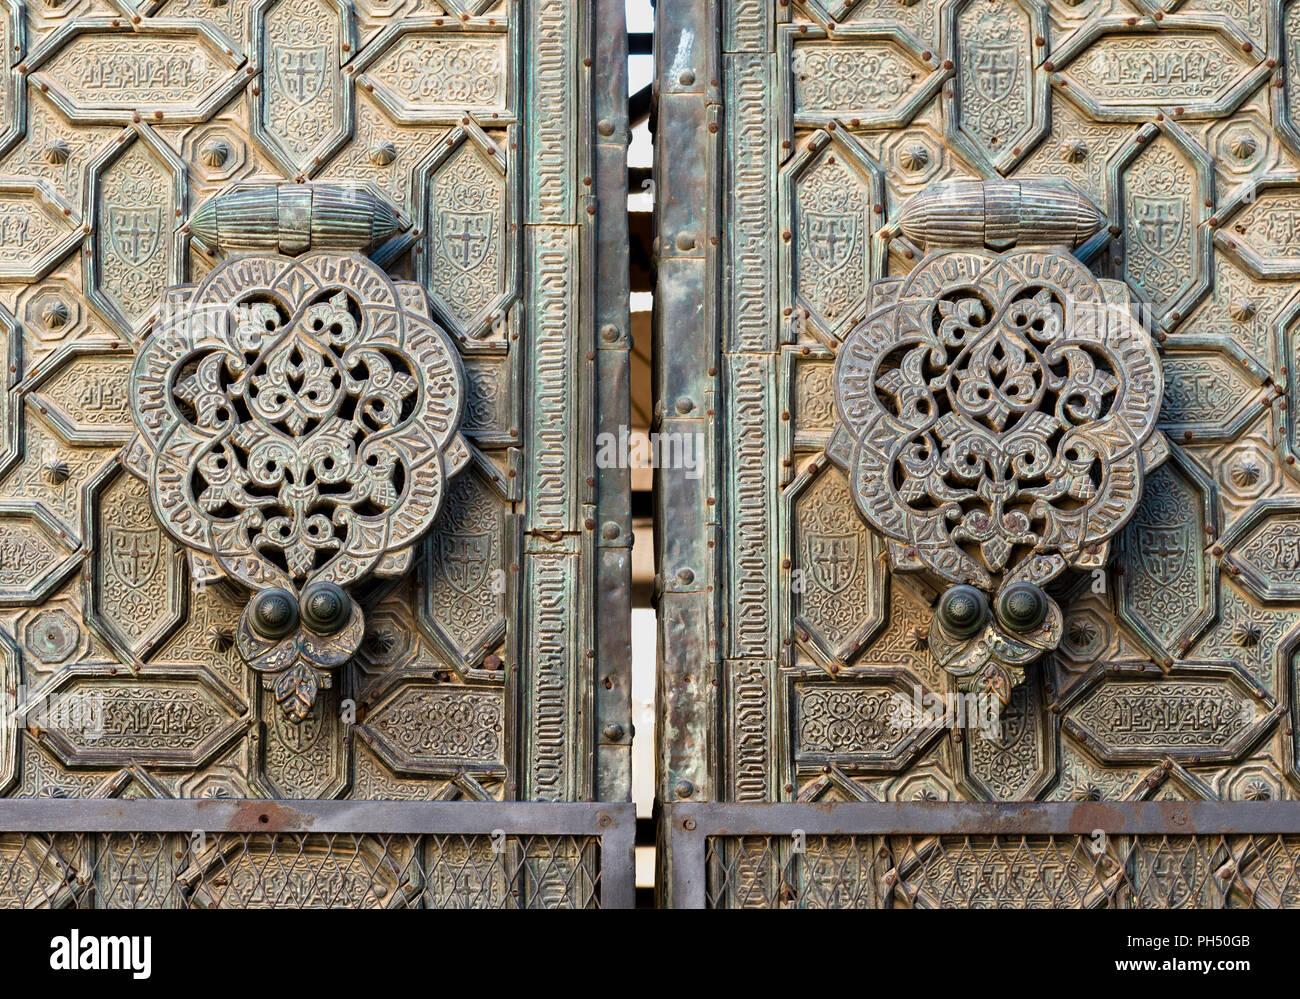 Door knockers on the ornate, bronze, Puerta del Perdon, door of forgivness,  of  the Great Mosque, La Mezquita, in Cordoba, Spain - Stock Image